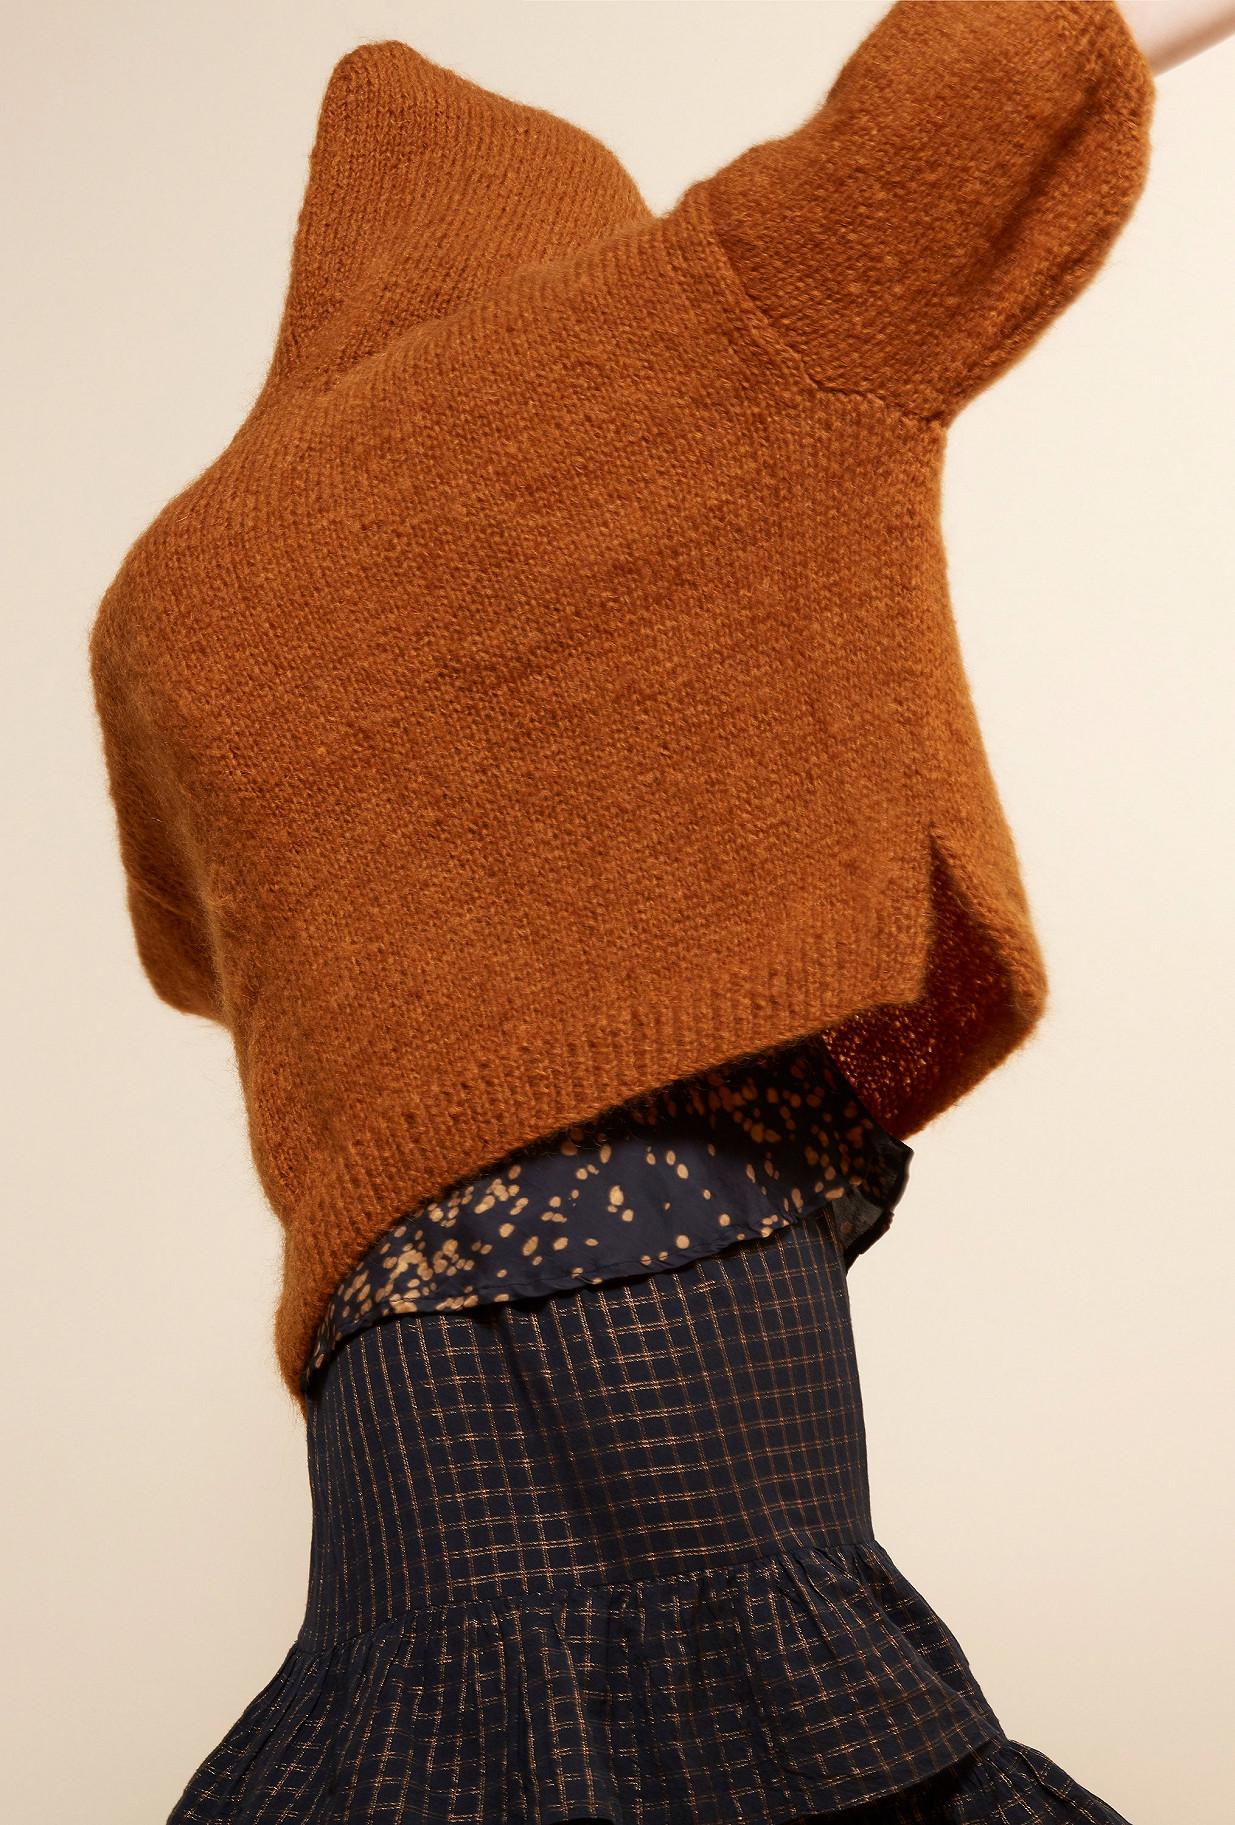 Paris clothes store Knit  Jedi french designer fashion Paris